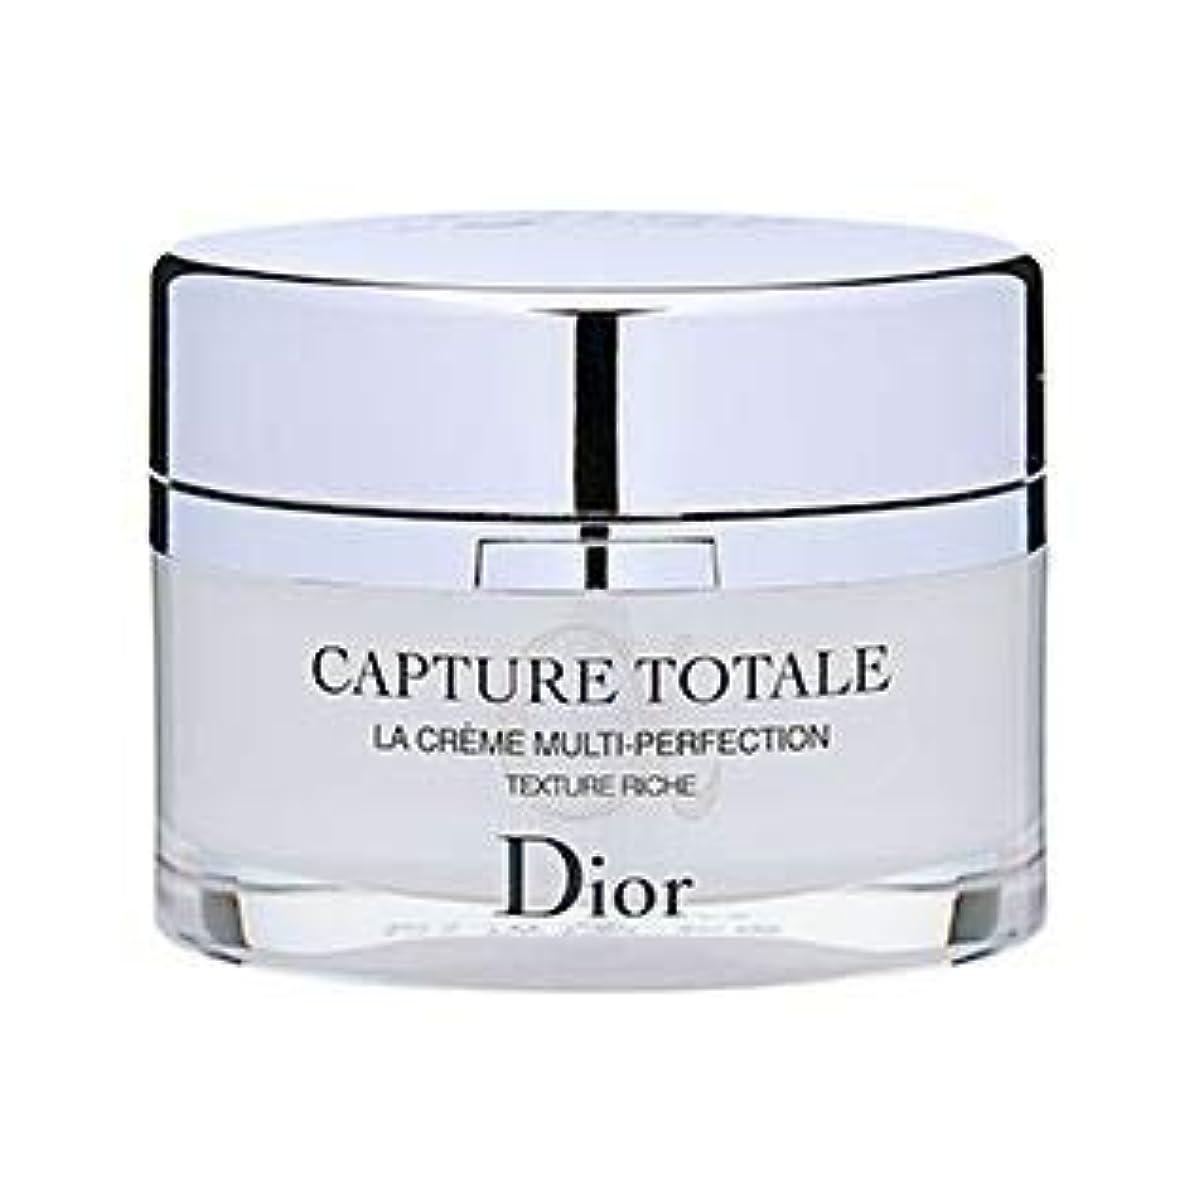 粘土伝統区画ディオール(Dior) カプチュール トータル リッチ クリーム [並行輸入品]